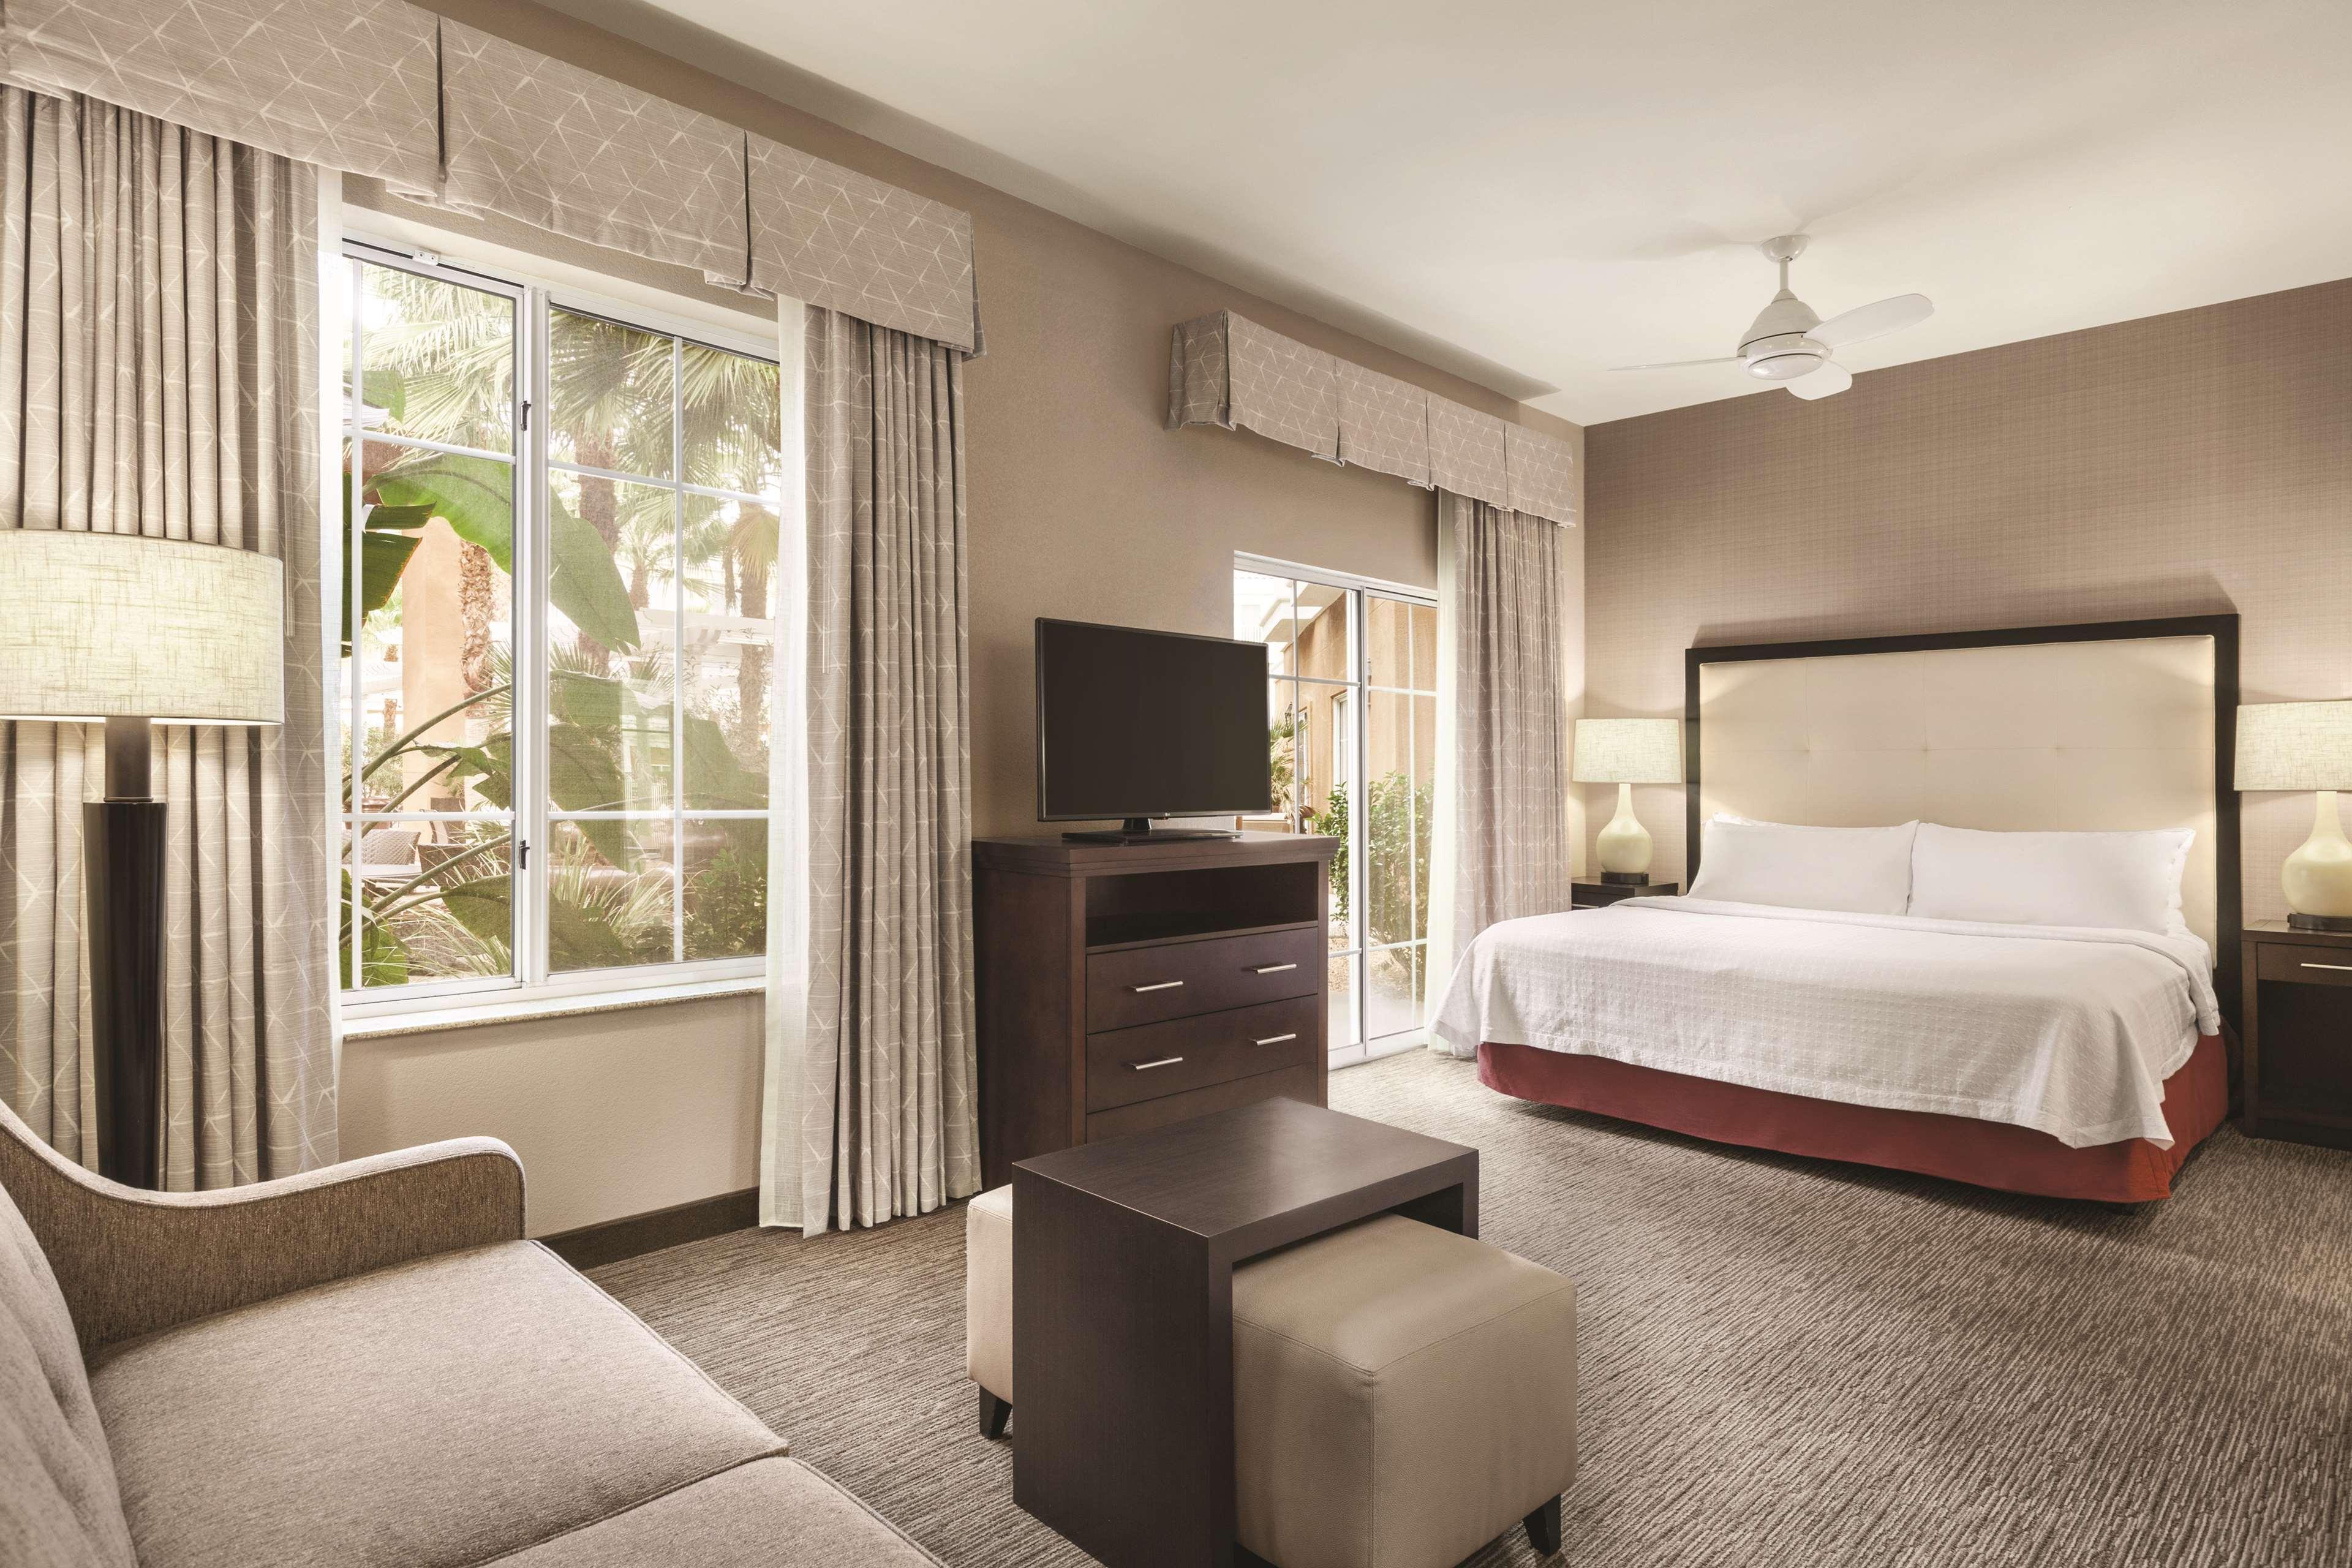 Homewood Suites by Hilton La Quinta image 30